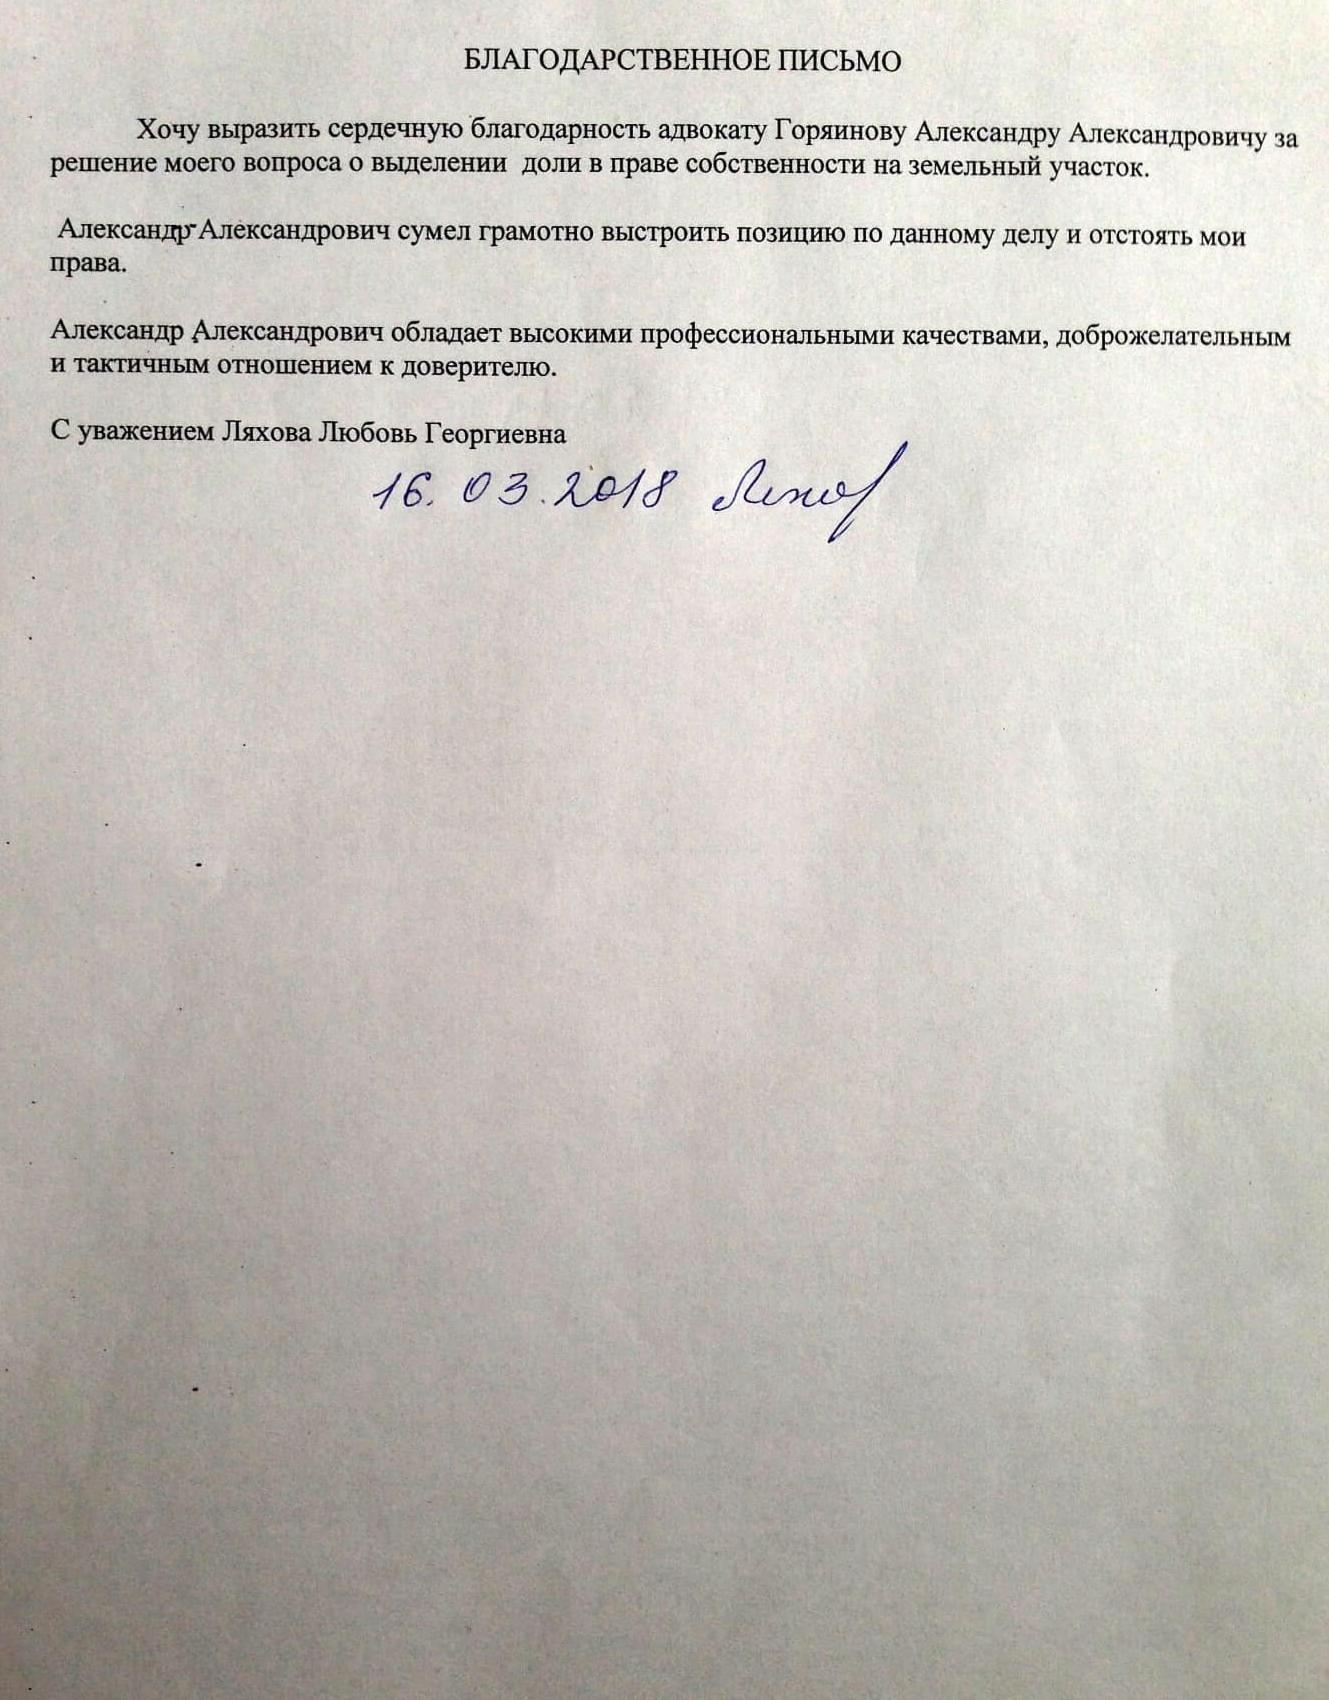 Рекомендация от Ляховой Л. Г.